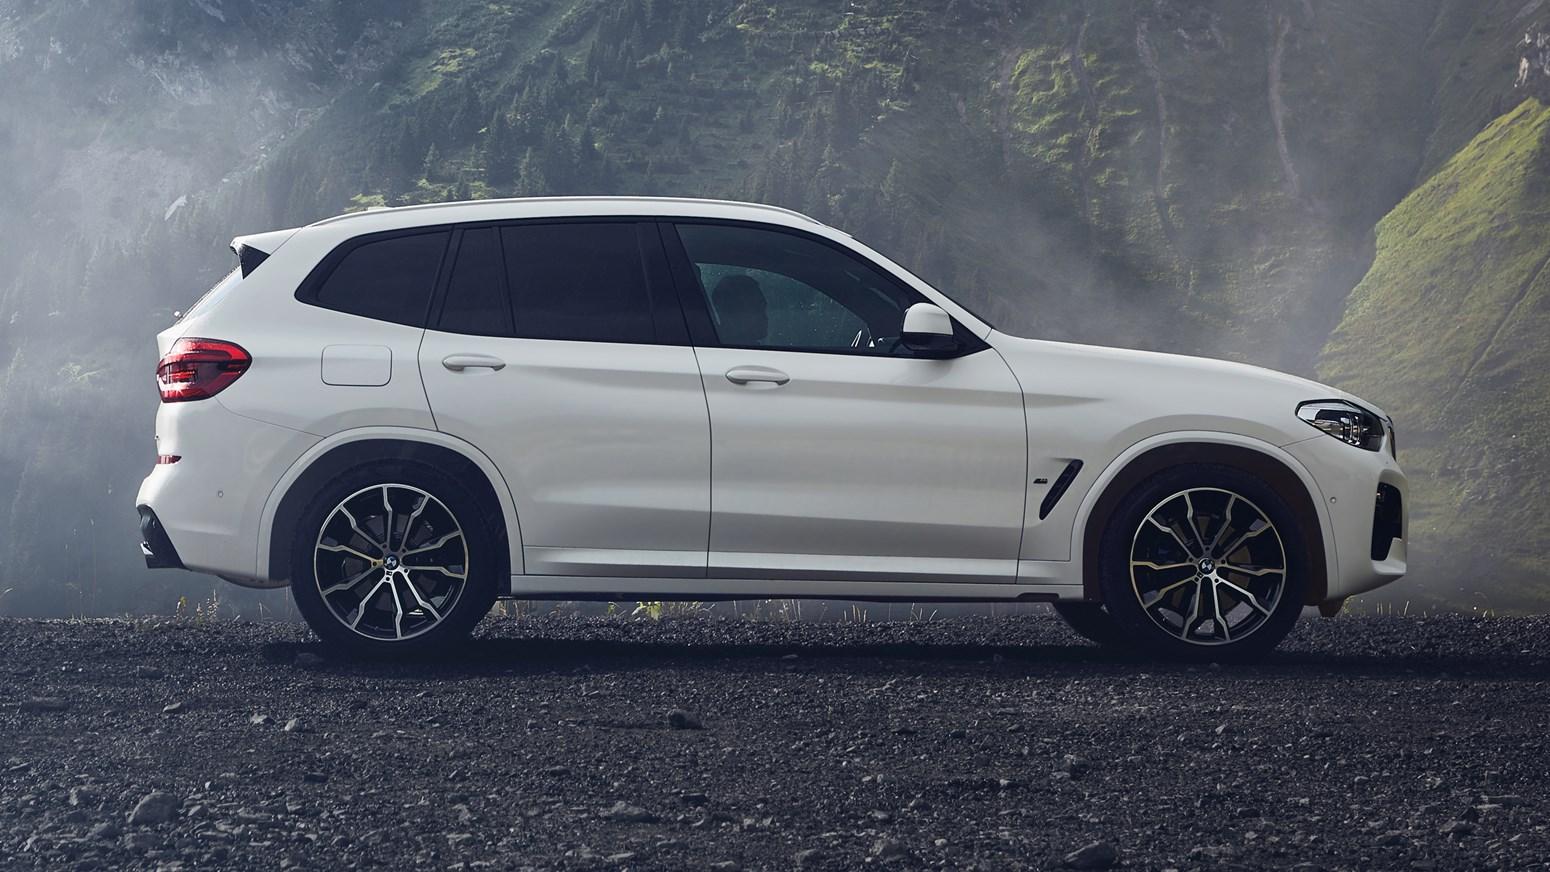 BMW X3 GALLERY 2440X1373 A